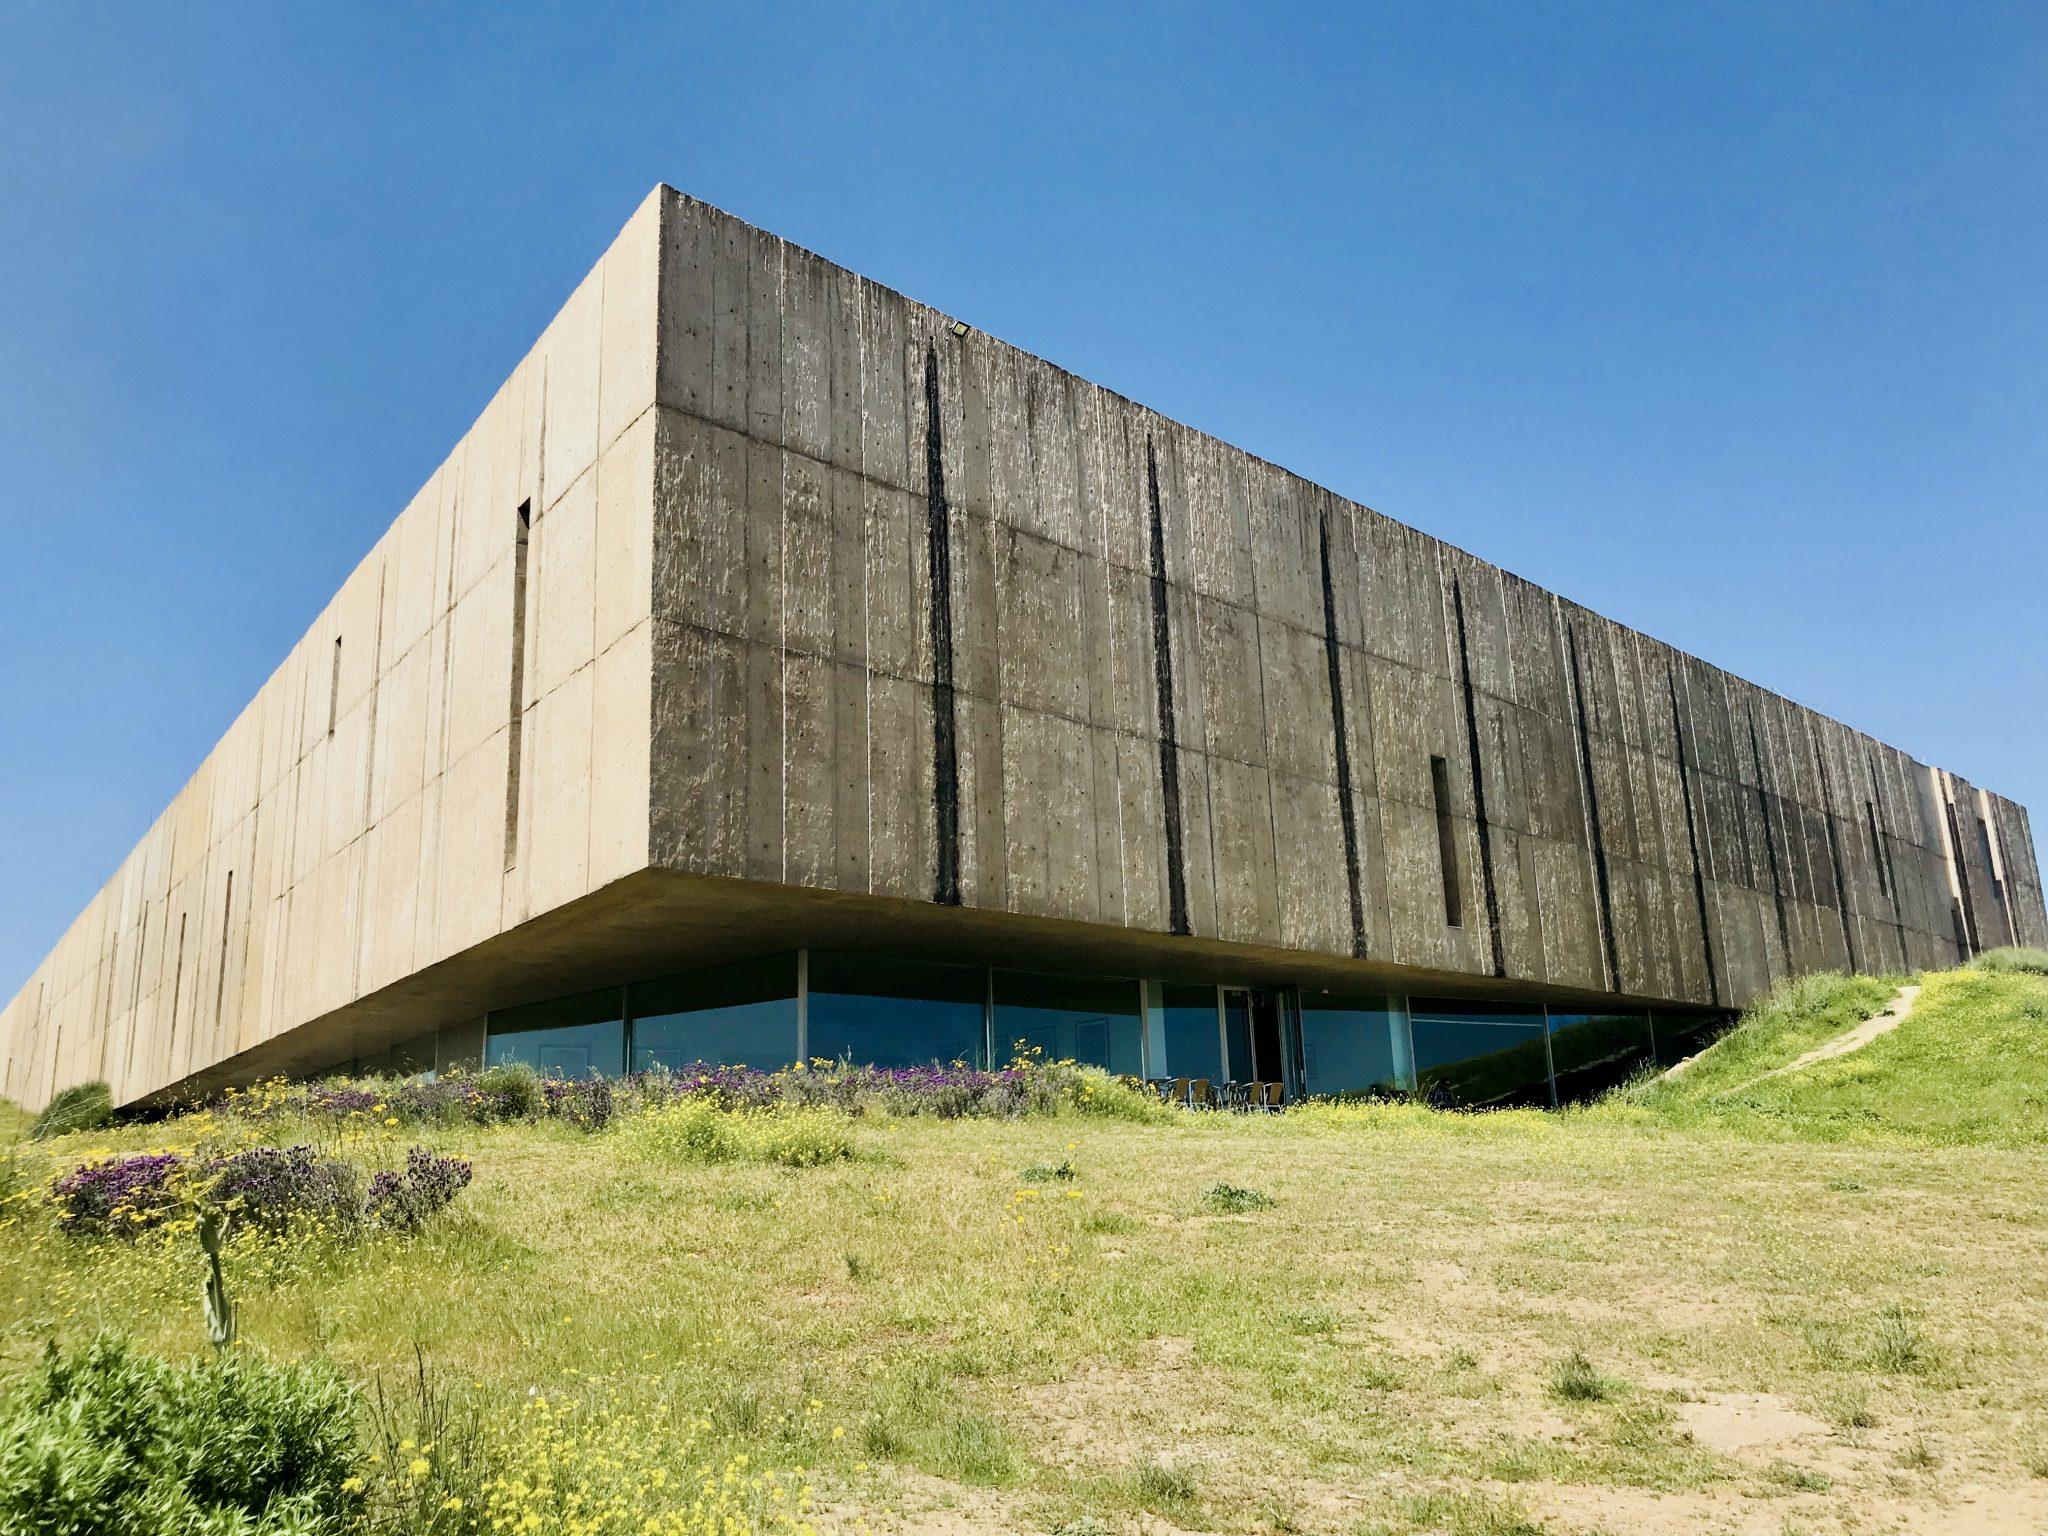 Museum Parque Arqueológico do vale do Cõa